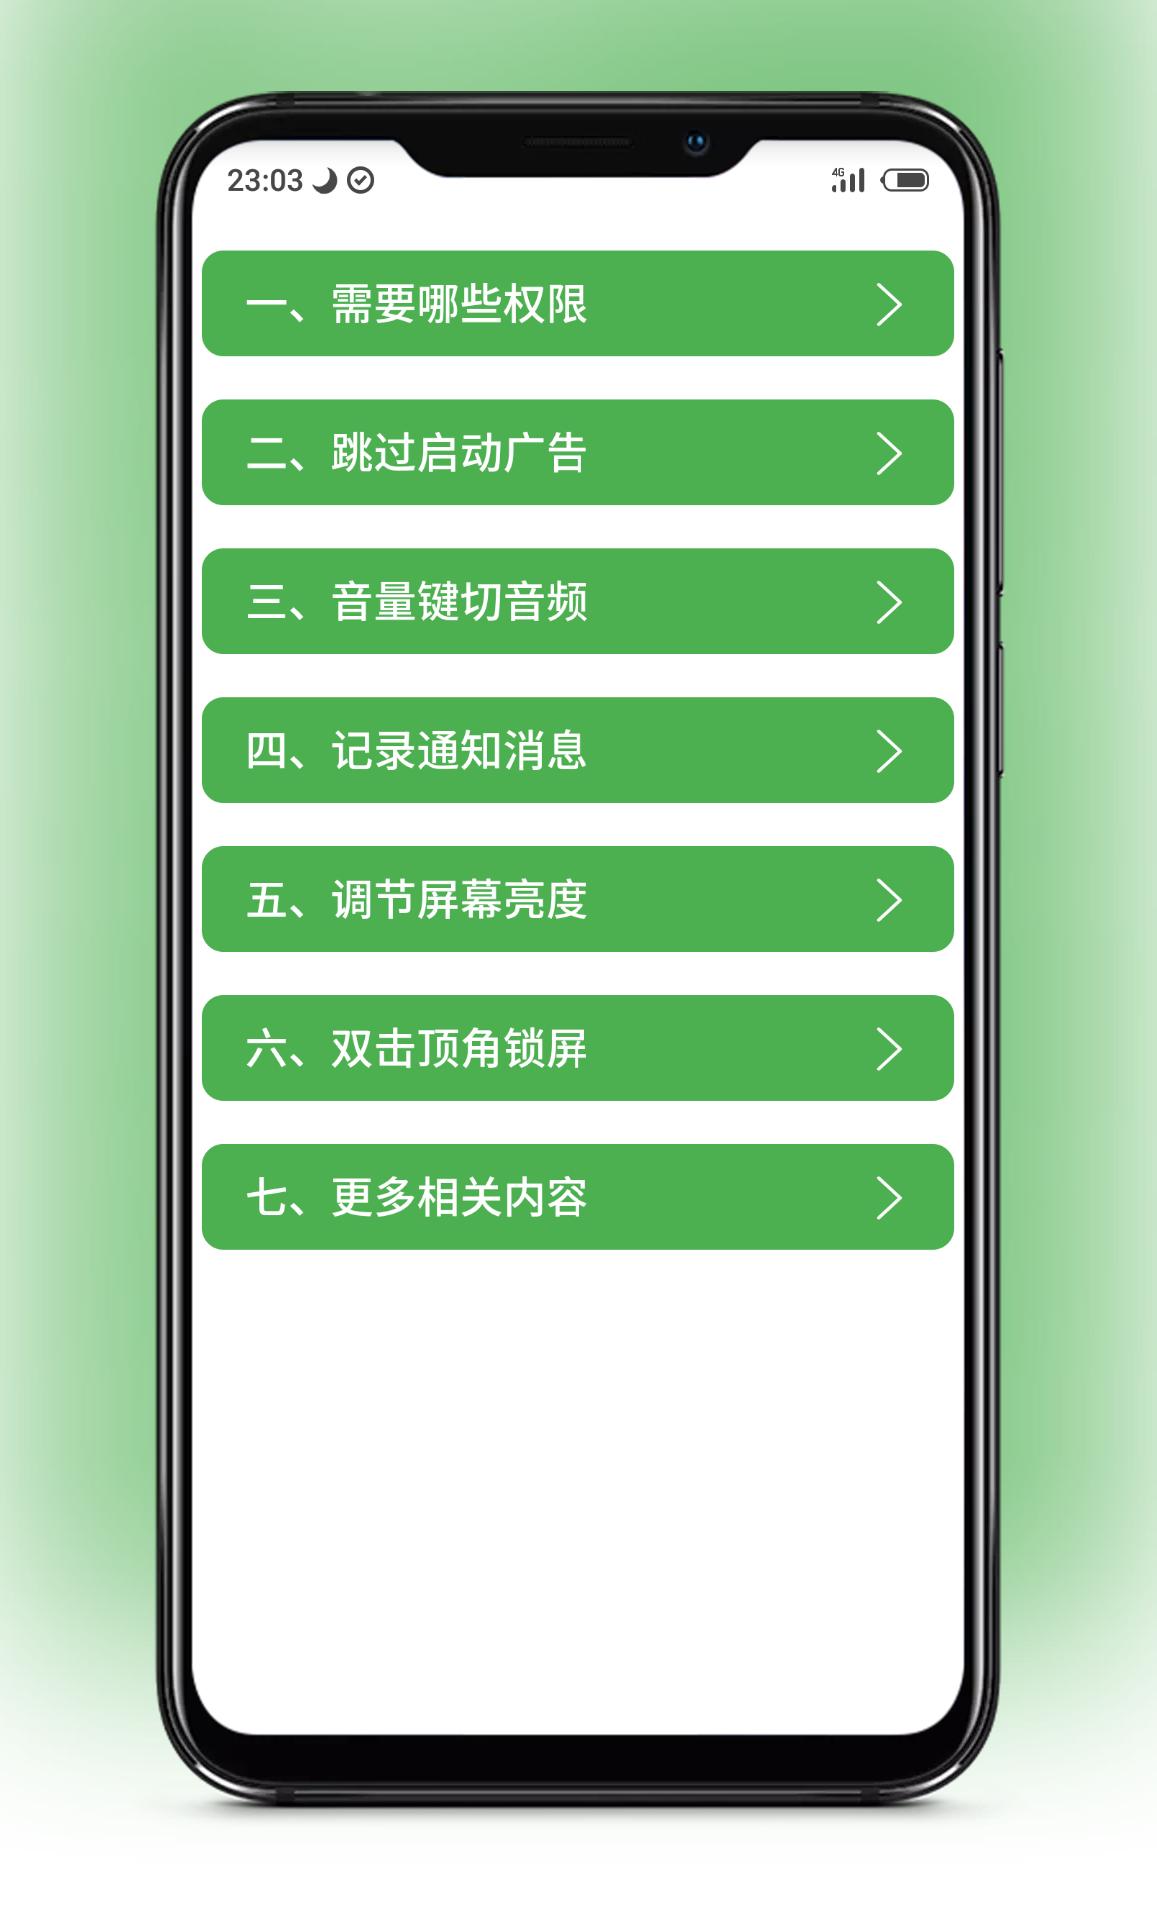 【考核】跳过广告v1.6.0_清爽版-爱小助